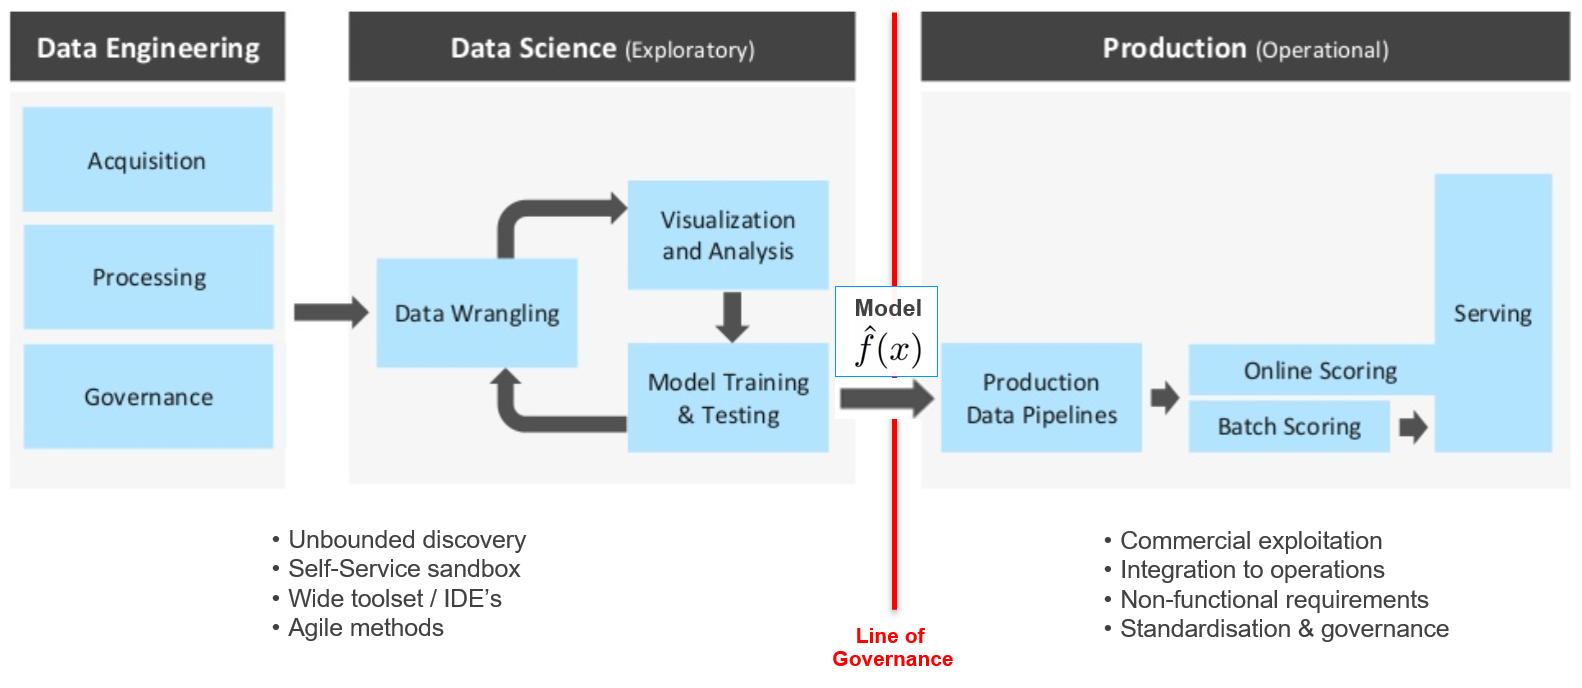 Übergabe von Machine-Learning-Resultaten zur Produktivsetzung im Echtbetrieb. (Abb. 10)